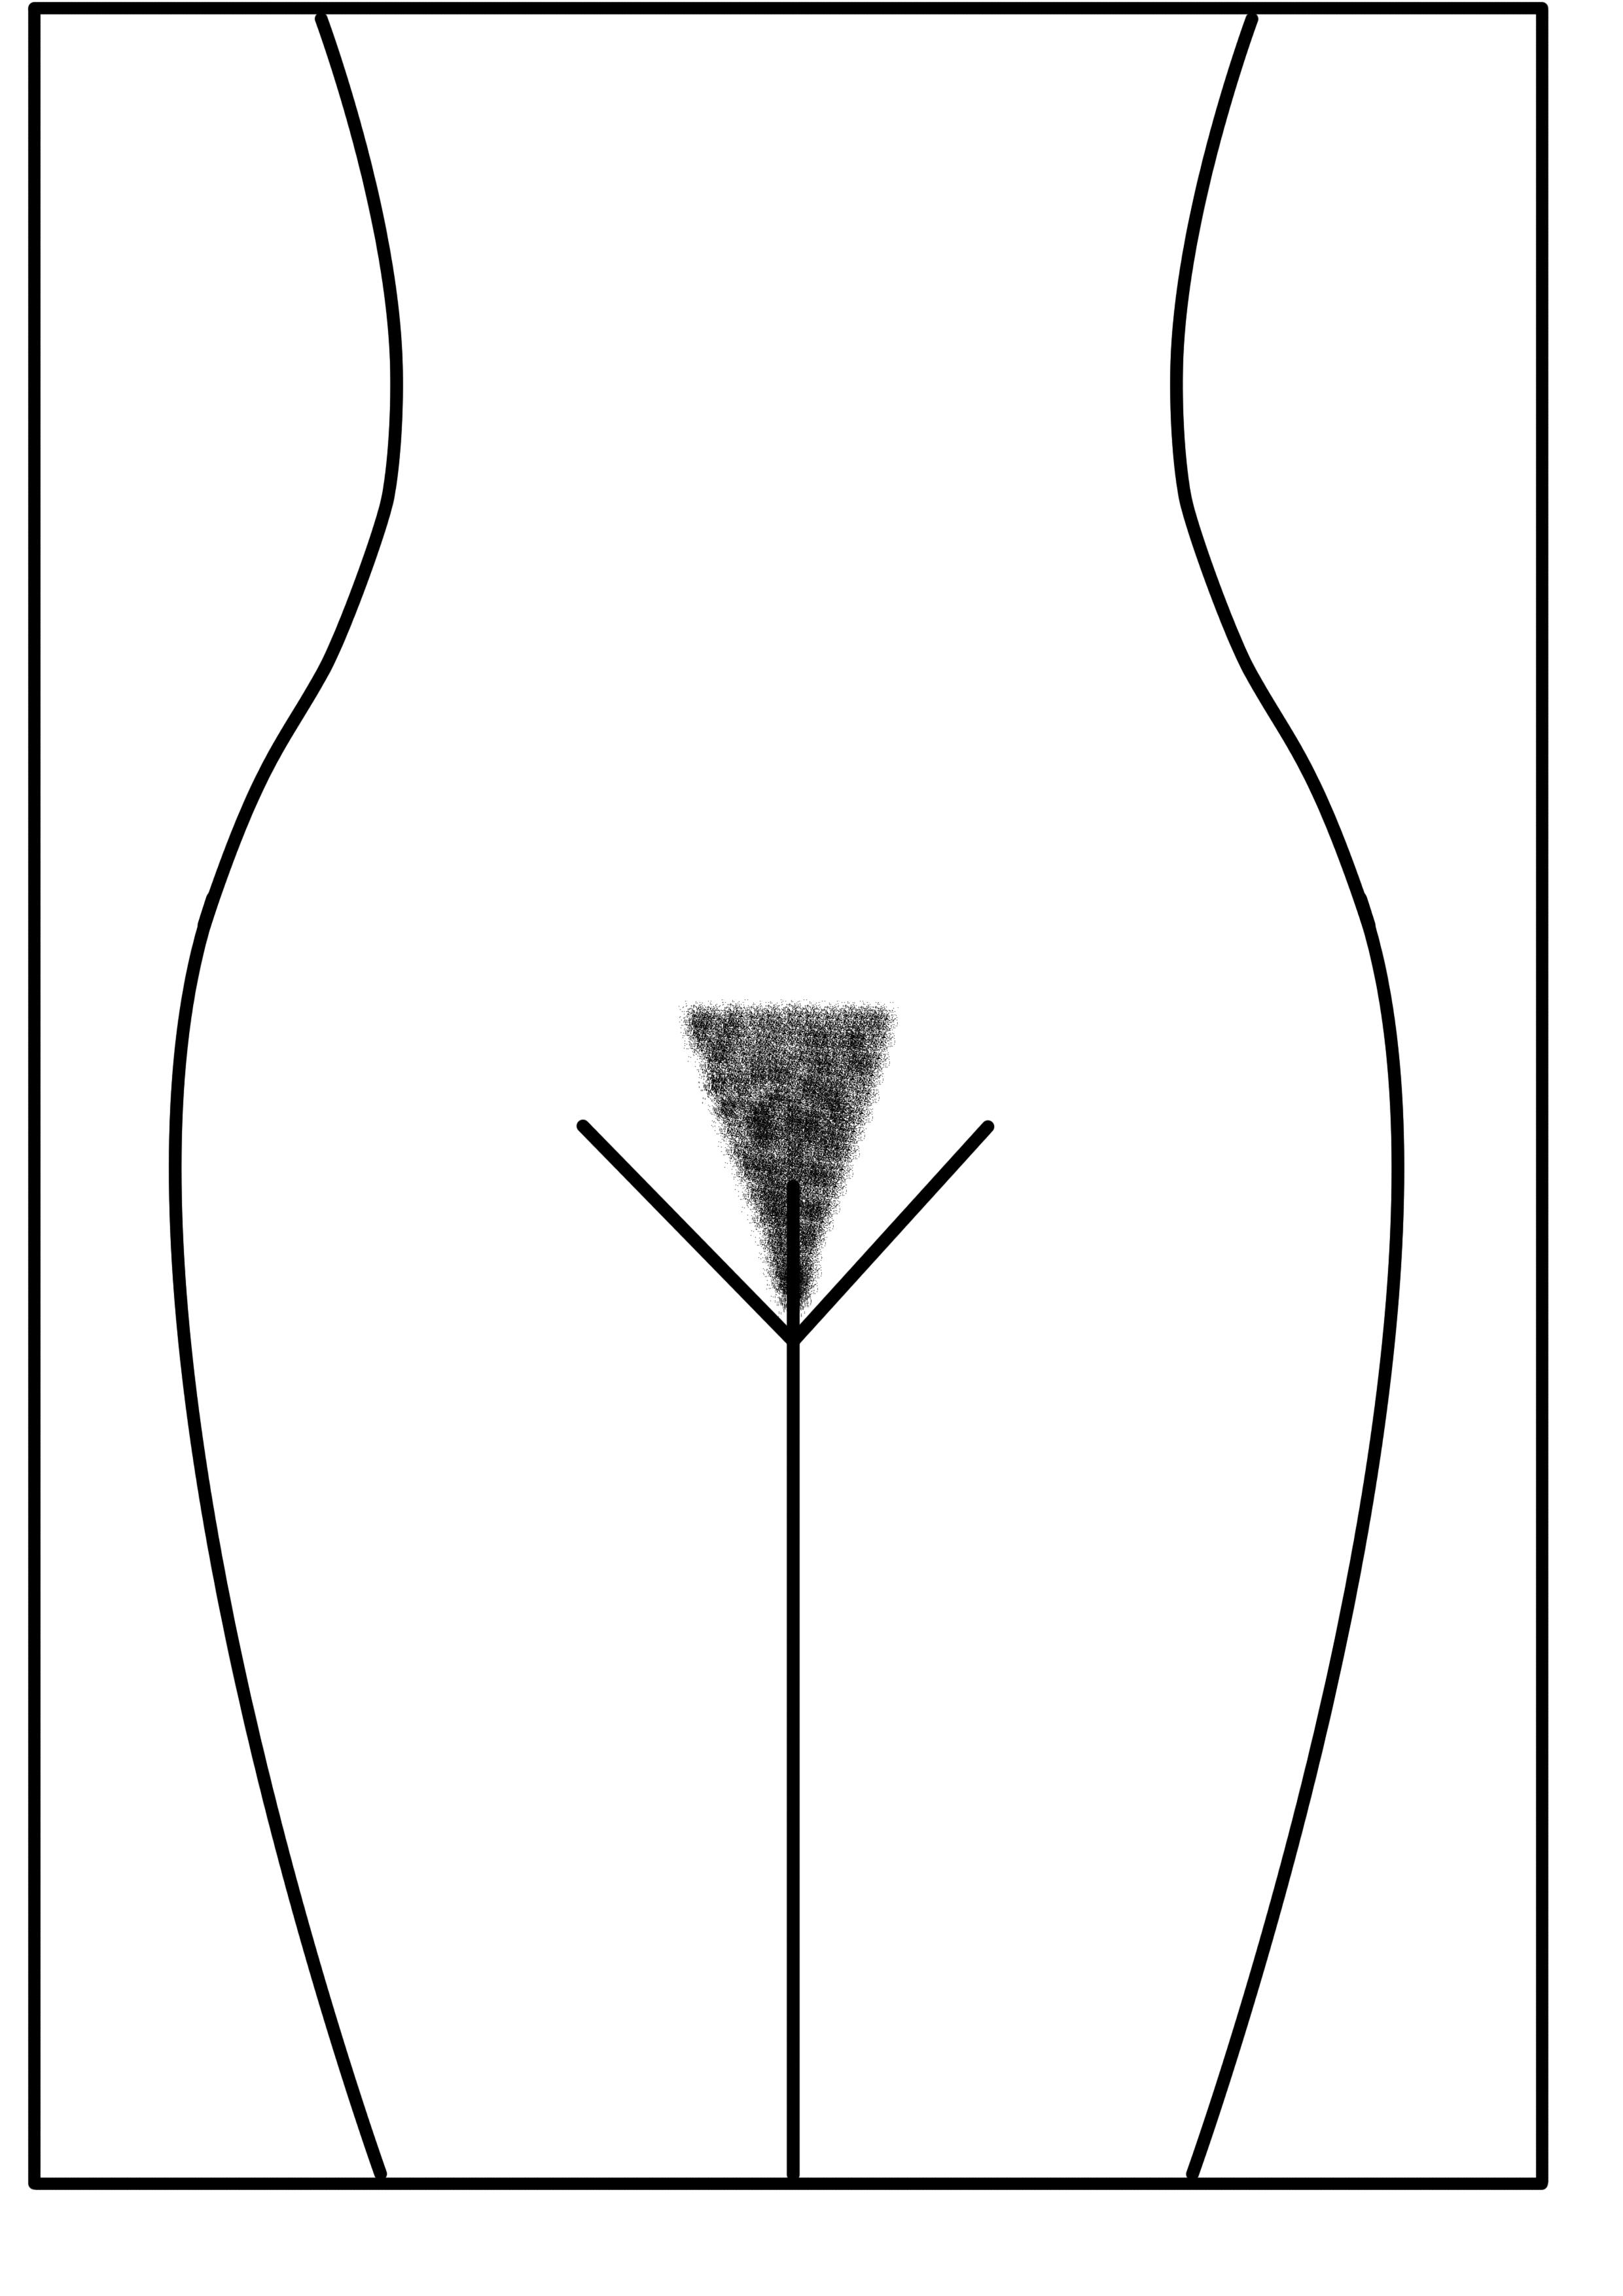 Женская интимная стрижка взлётная полоса